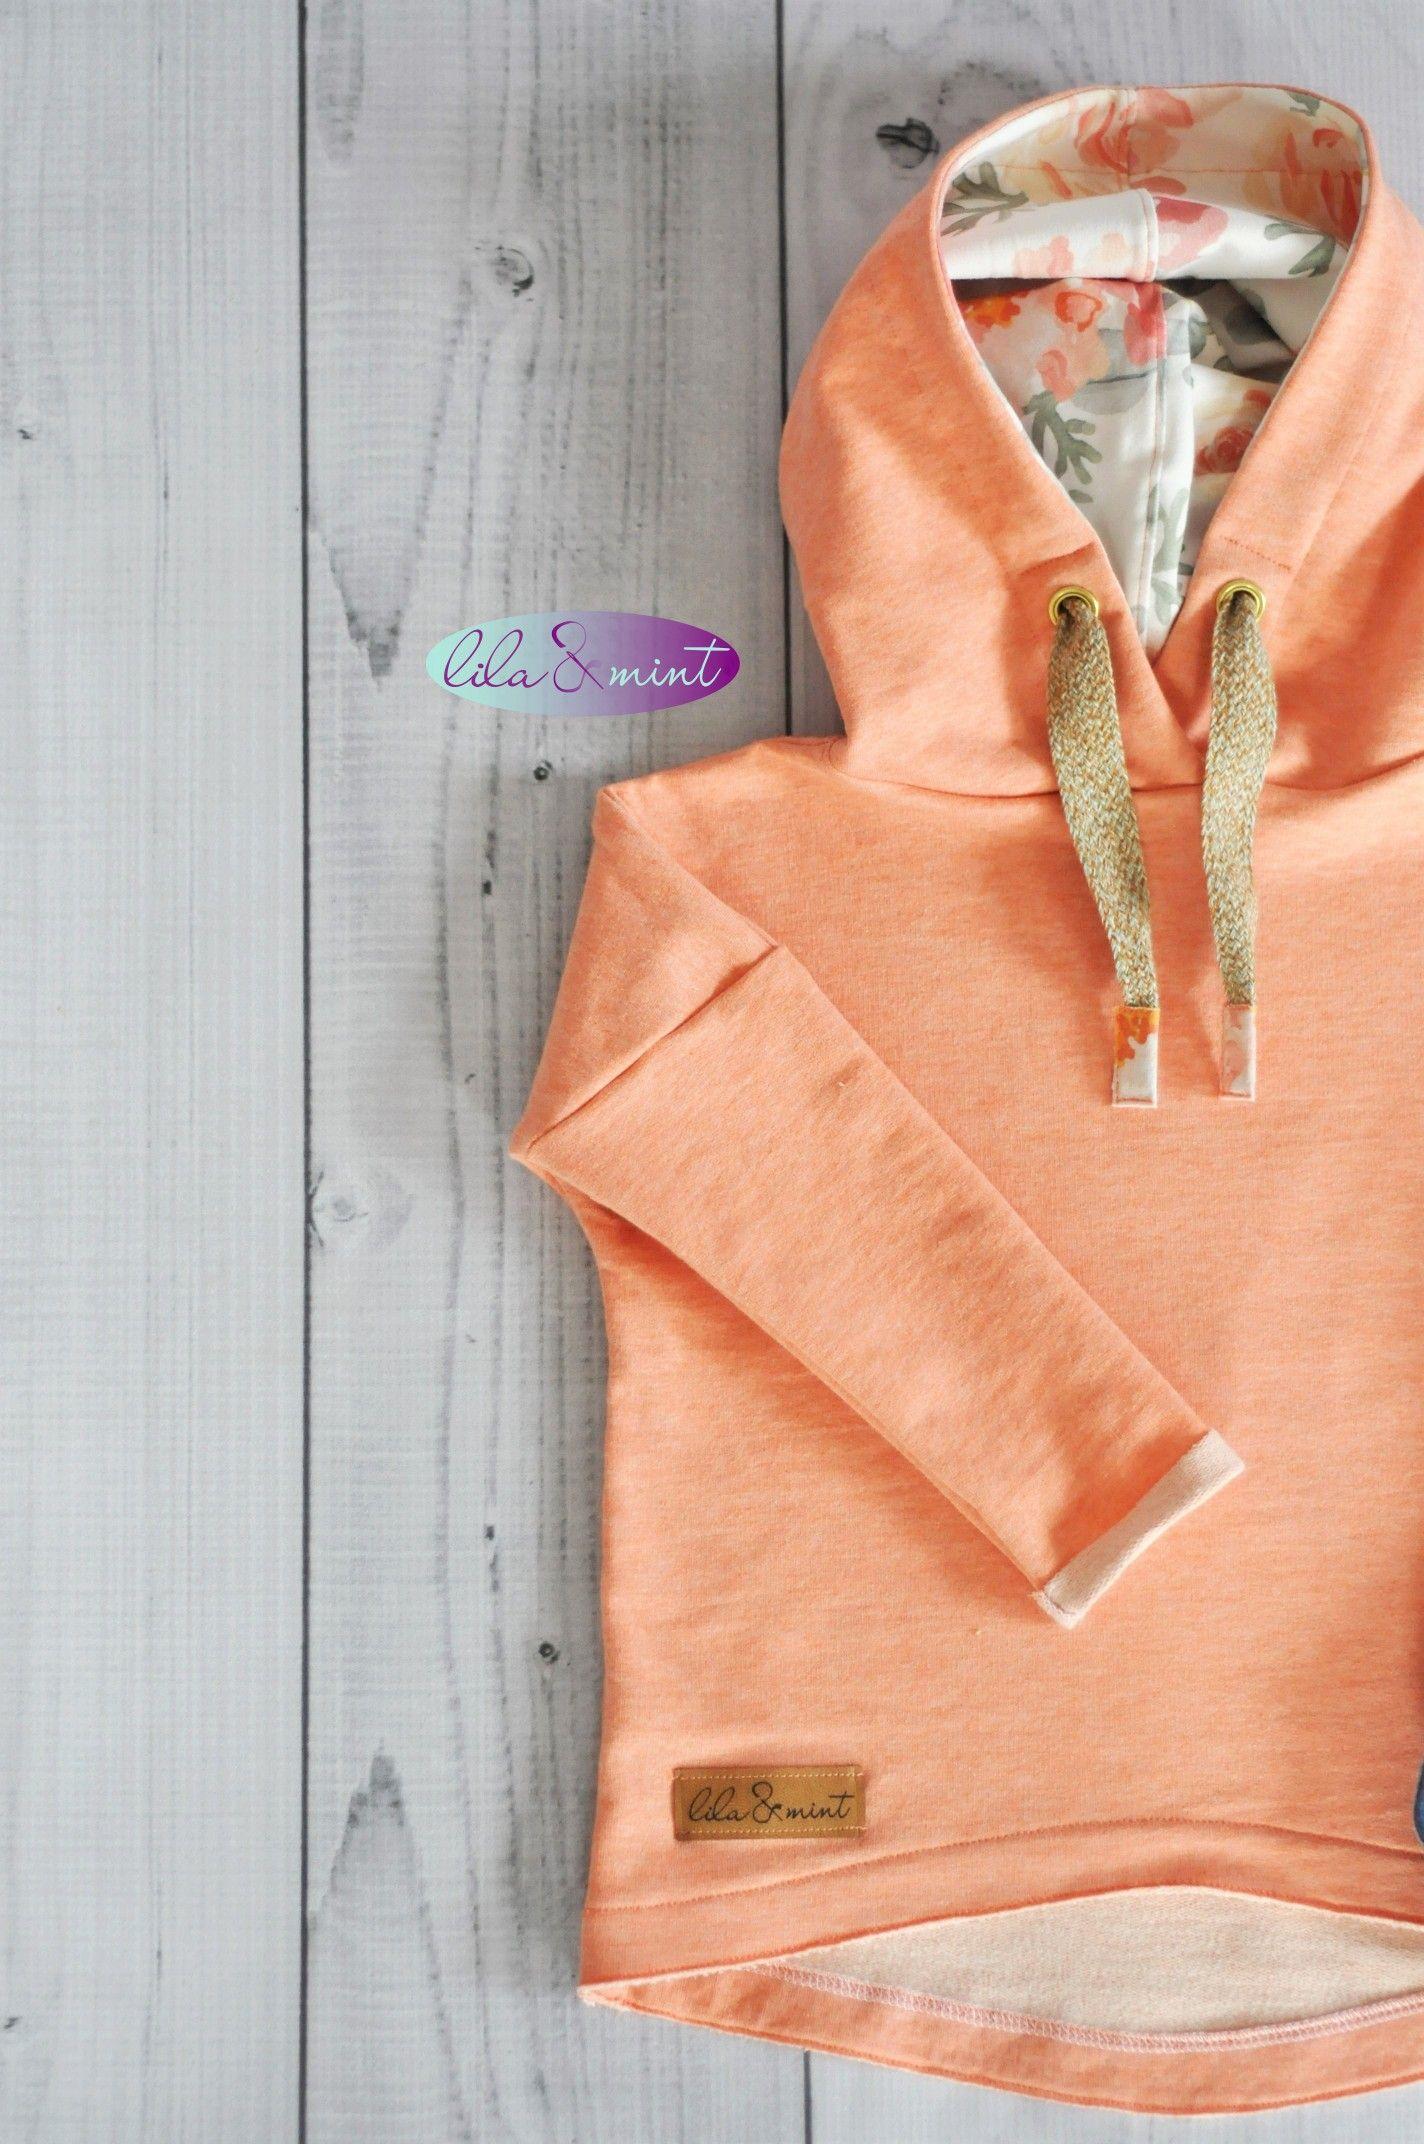 510853ad0e170 Beitrag enthält Werbung. Das Ruffle   Puff Shirt von Rosarosa in einer  lässigen Variante❤  ruffleandpuff  rosarosa  rosarosalieblingsschnitte ...